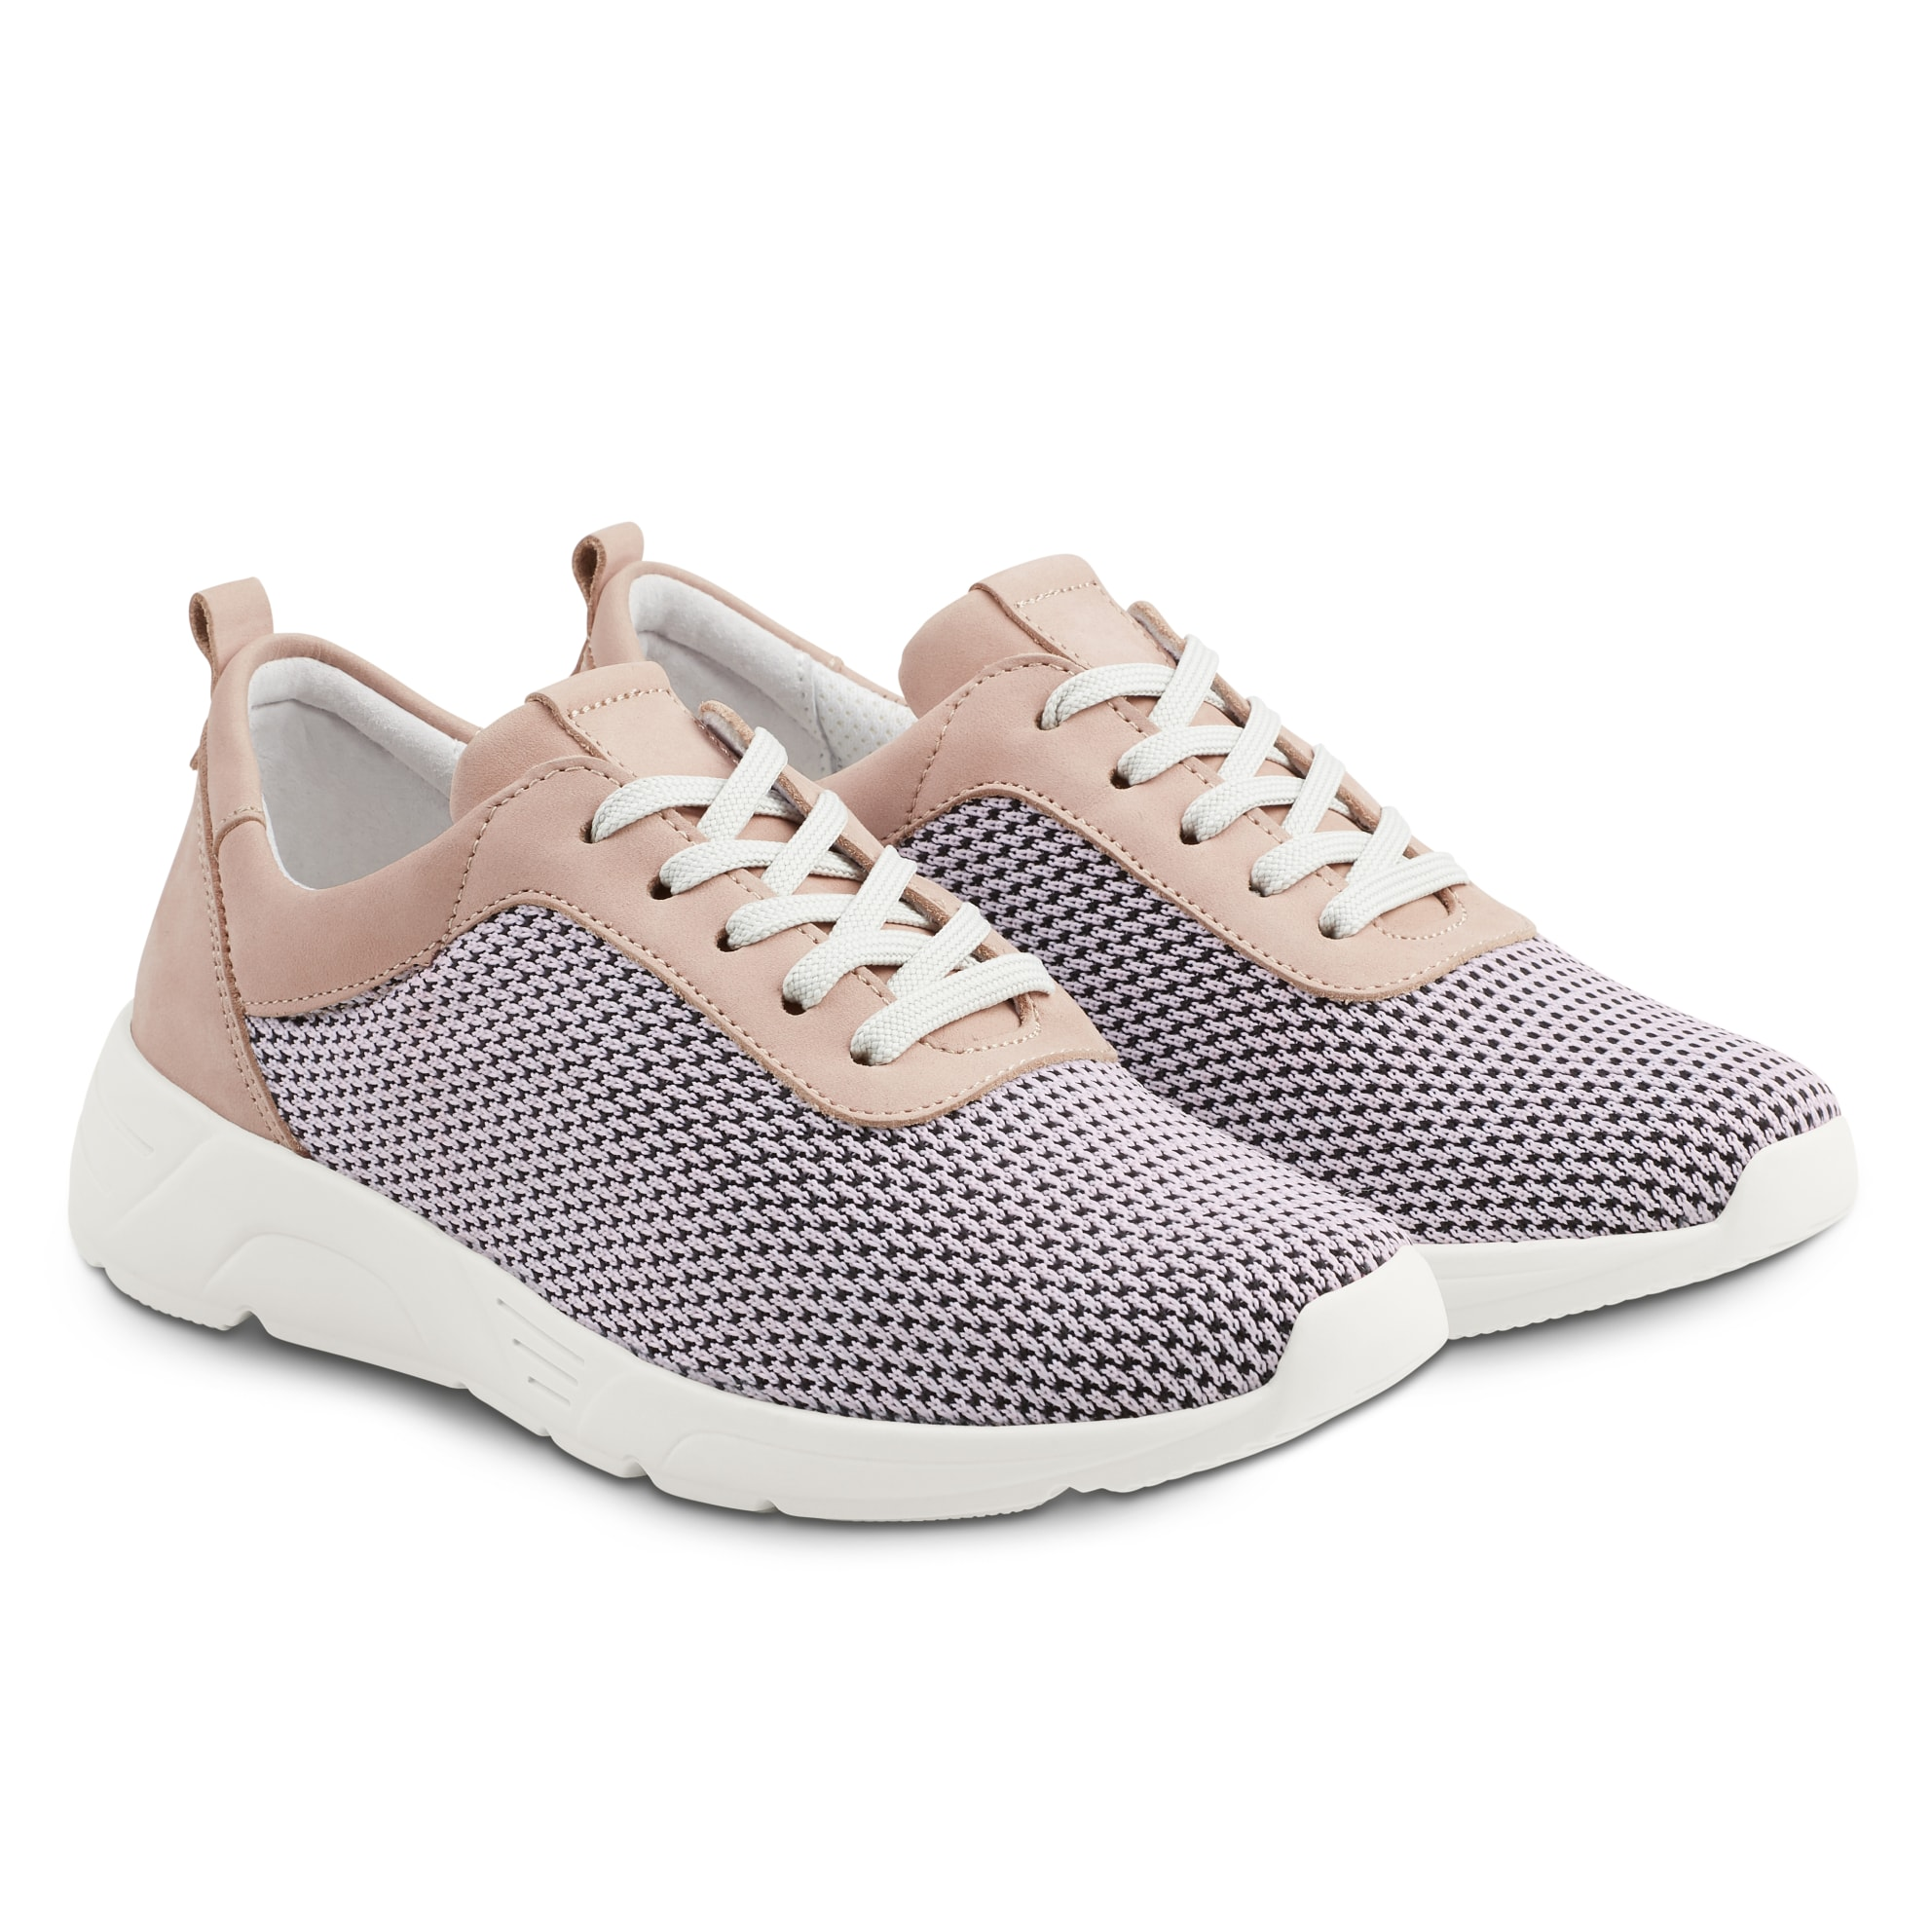 Sneaker Softknit Neu Rose – modischer und bequemer Schuh für Hallux valgus und empfindliche Füße von LaShoe.de